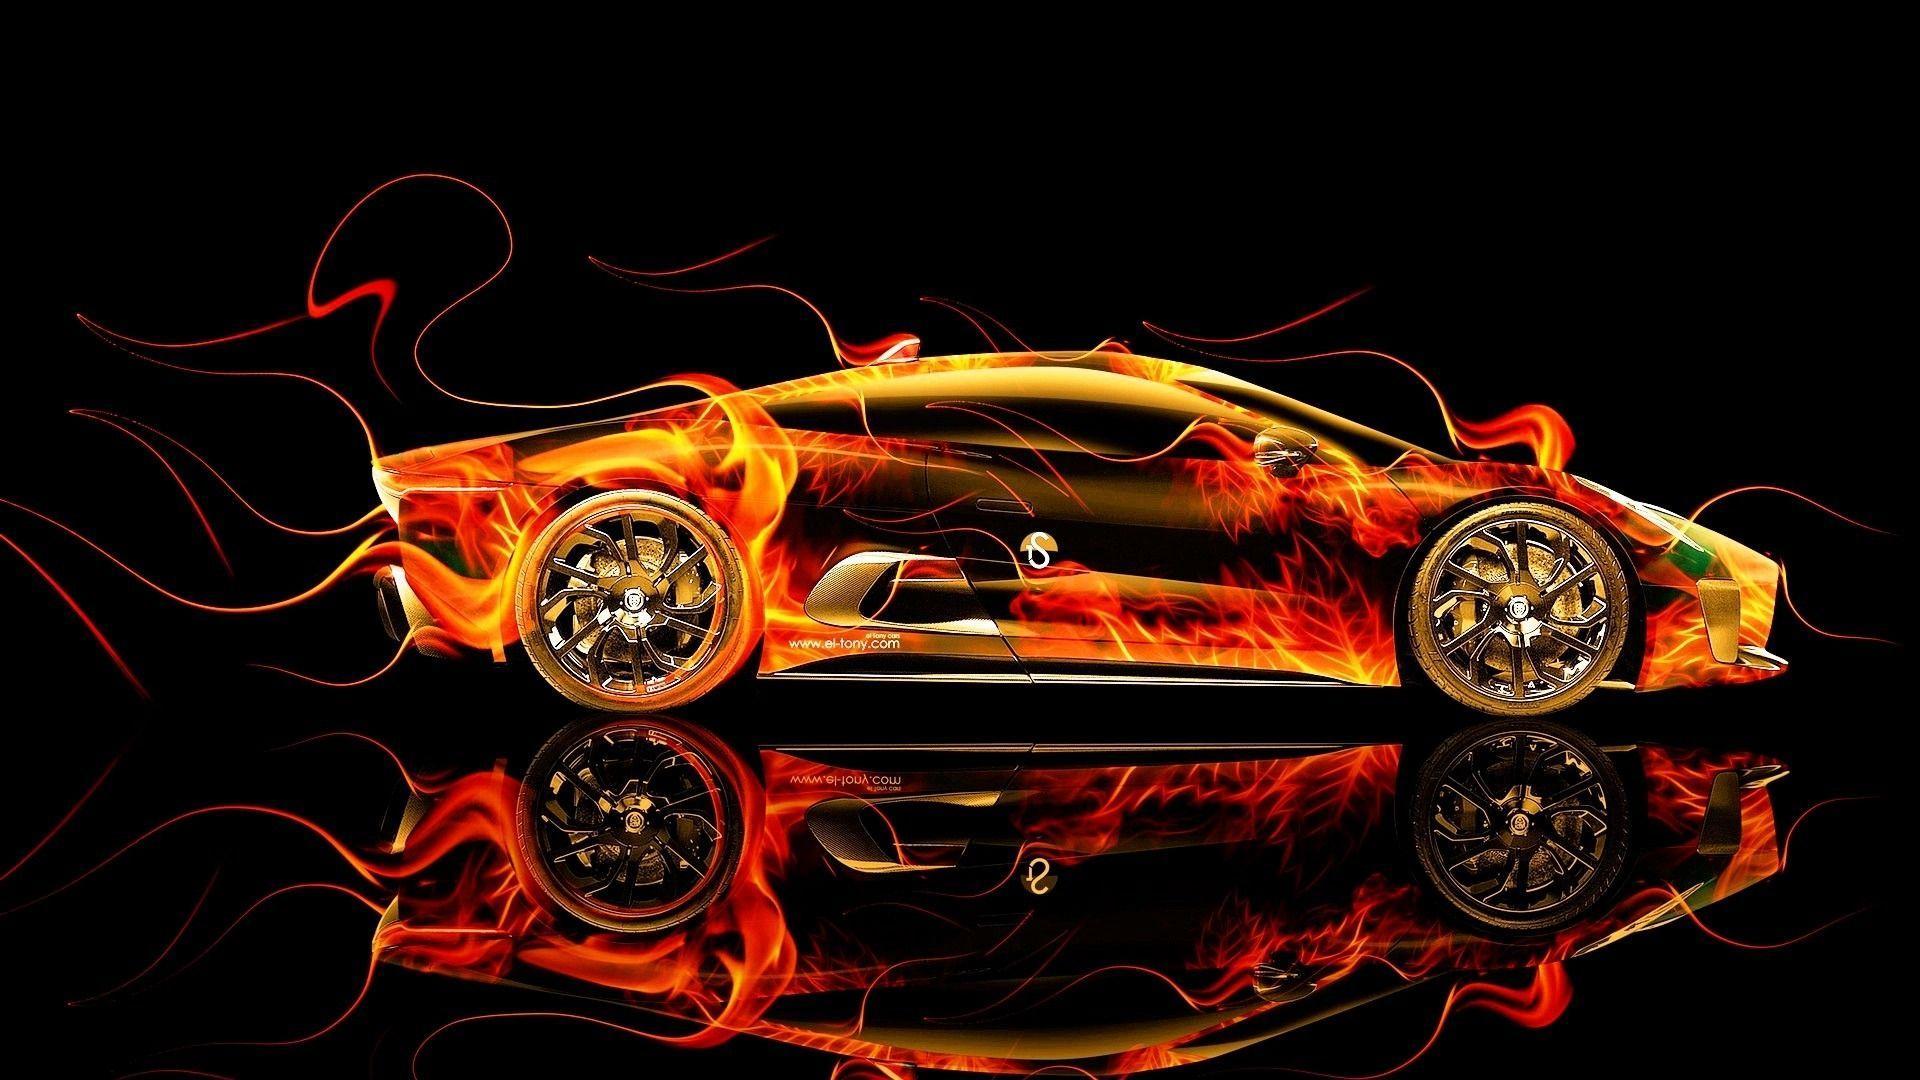 1920x1080 Design Talent Showcase à ??  Mang các yếu tố gợi cảm Lửa và Nước vào Hình nền ô tô của BẠN 17